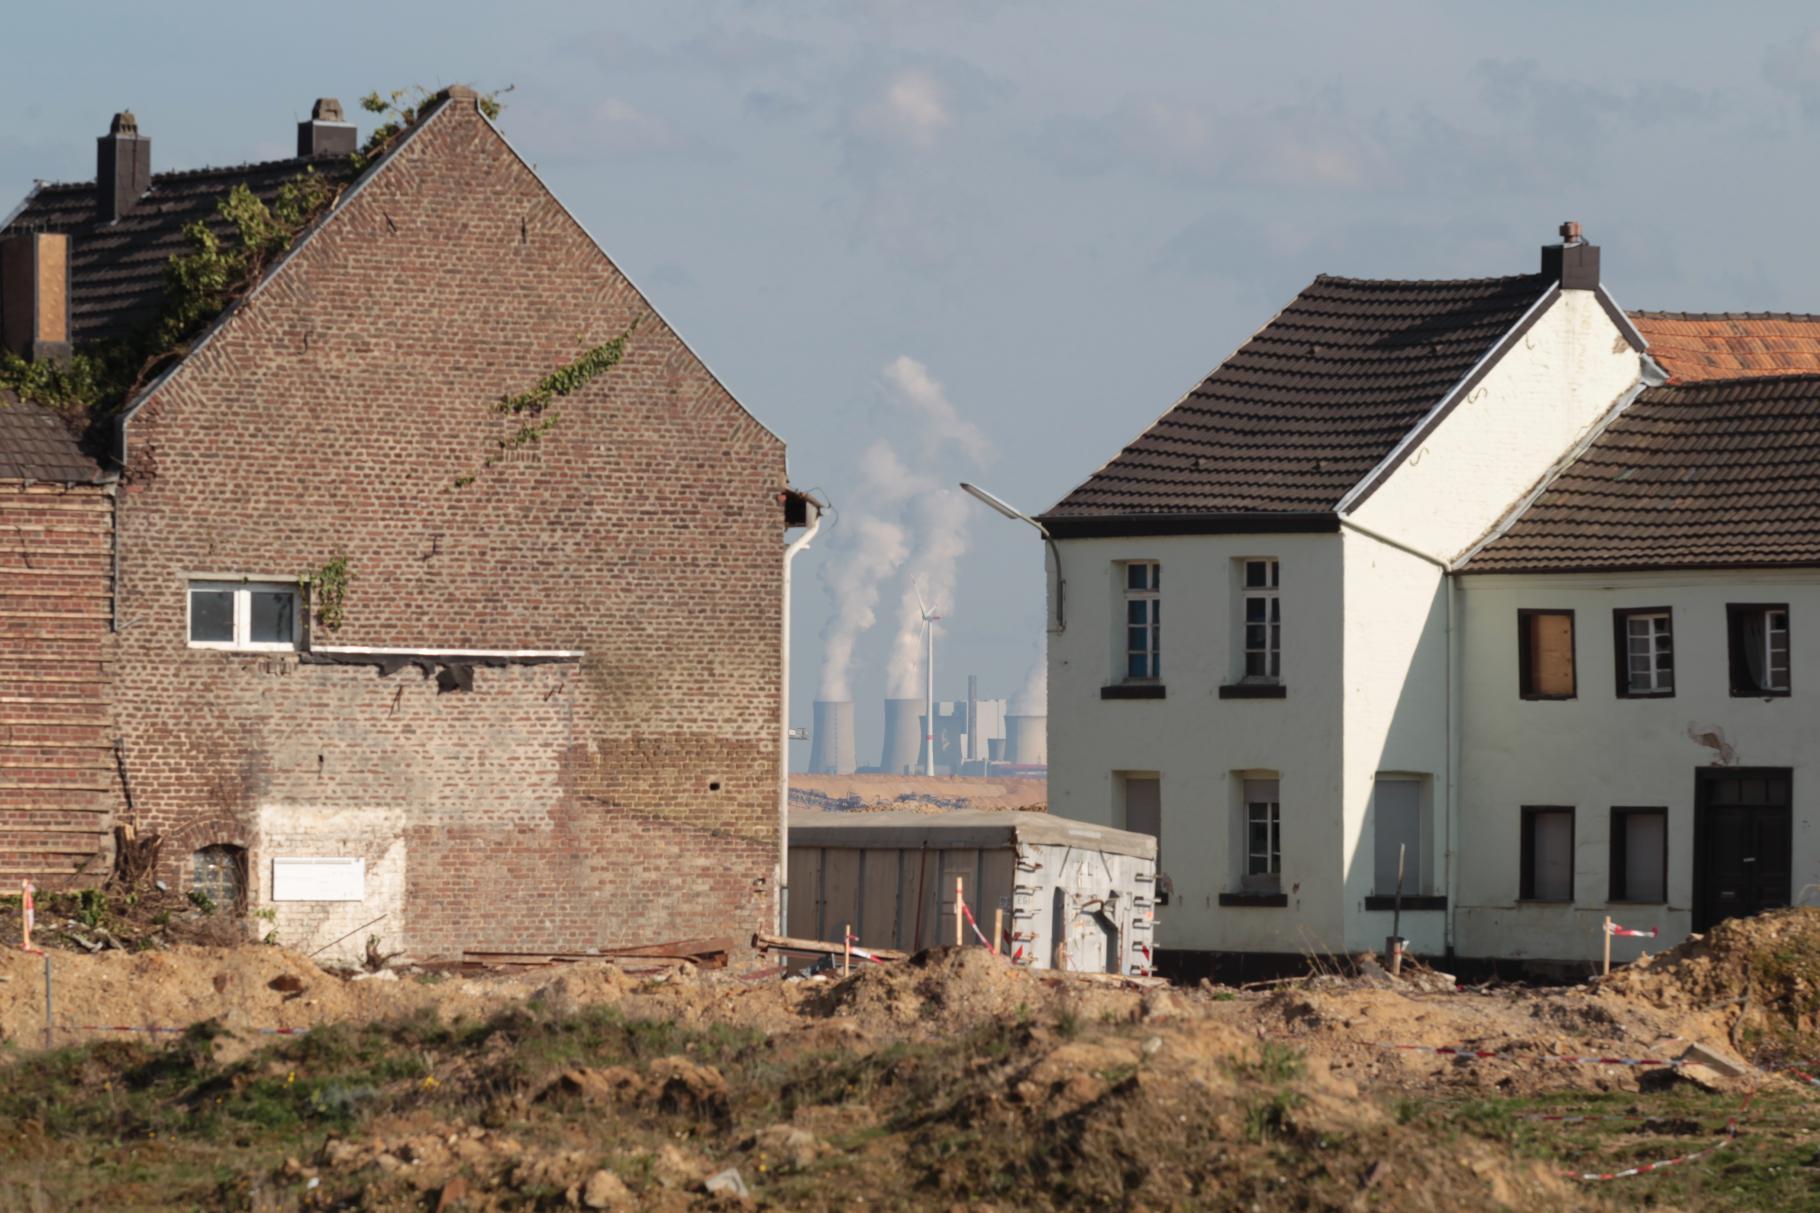 Das Dorf Borschemich in der Nähe des Braunkohletagebaus Garzweiler muss der Braunkohleförderung weichen.